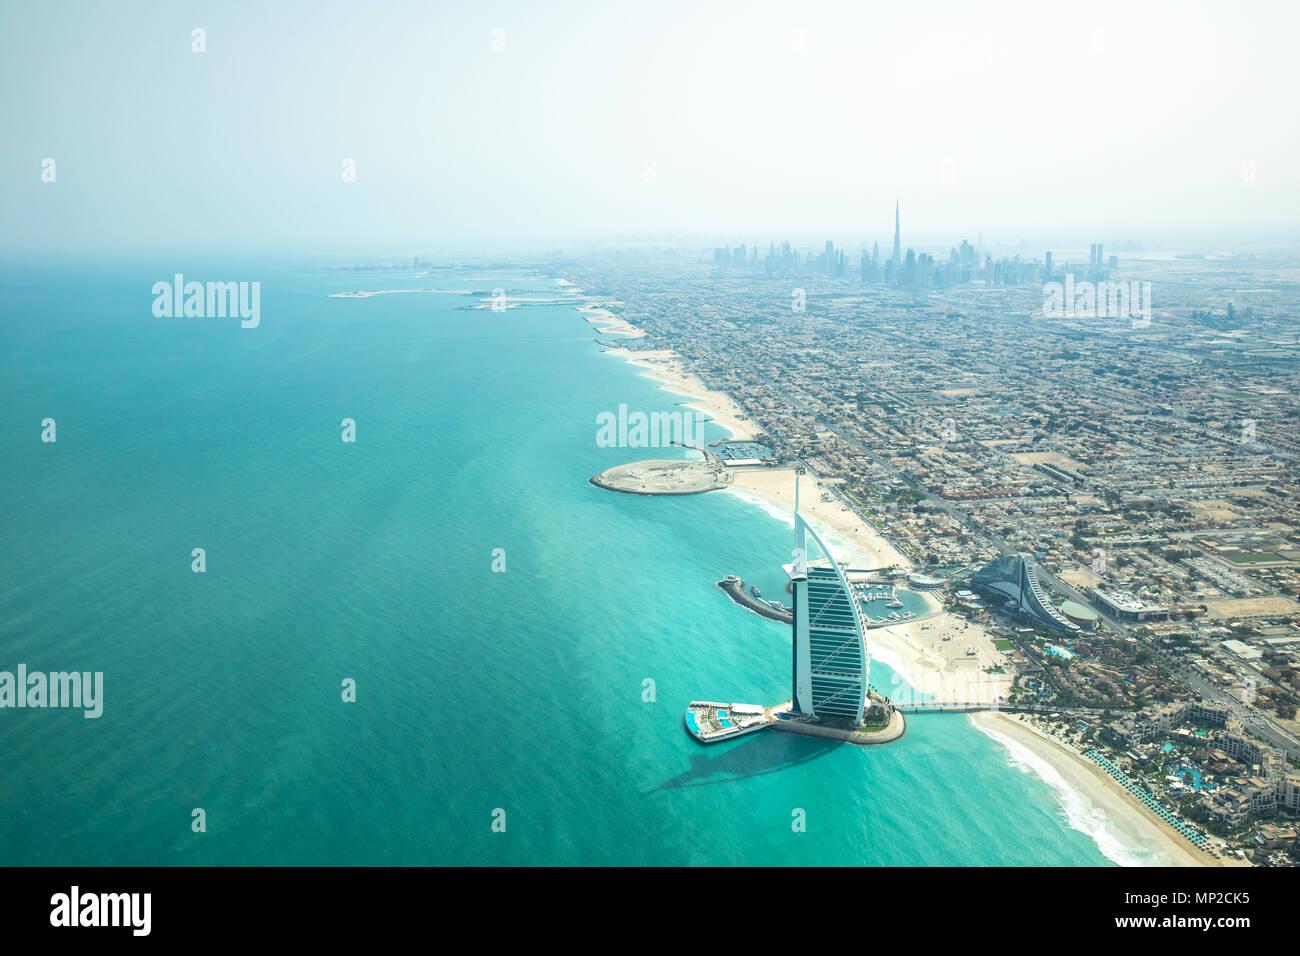 Vista aérea de la ciudad de Dubai, la playa y el mar en un día claro y soleado. Imagen De Stock